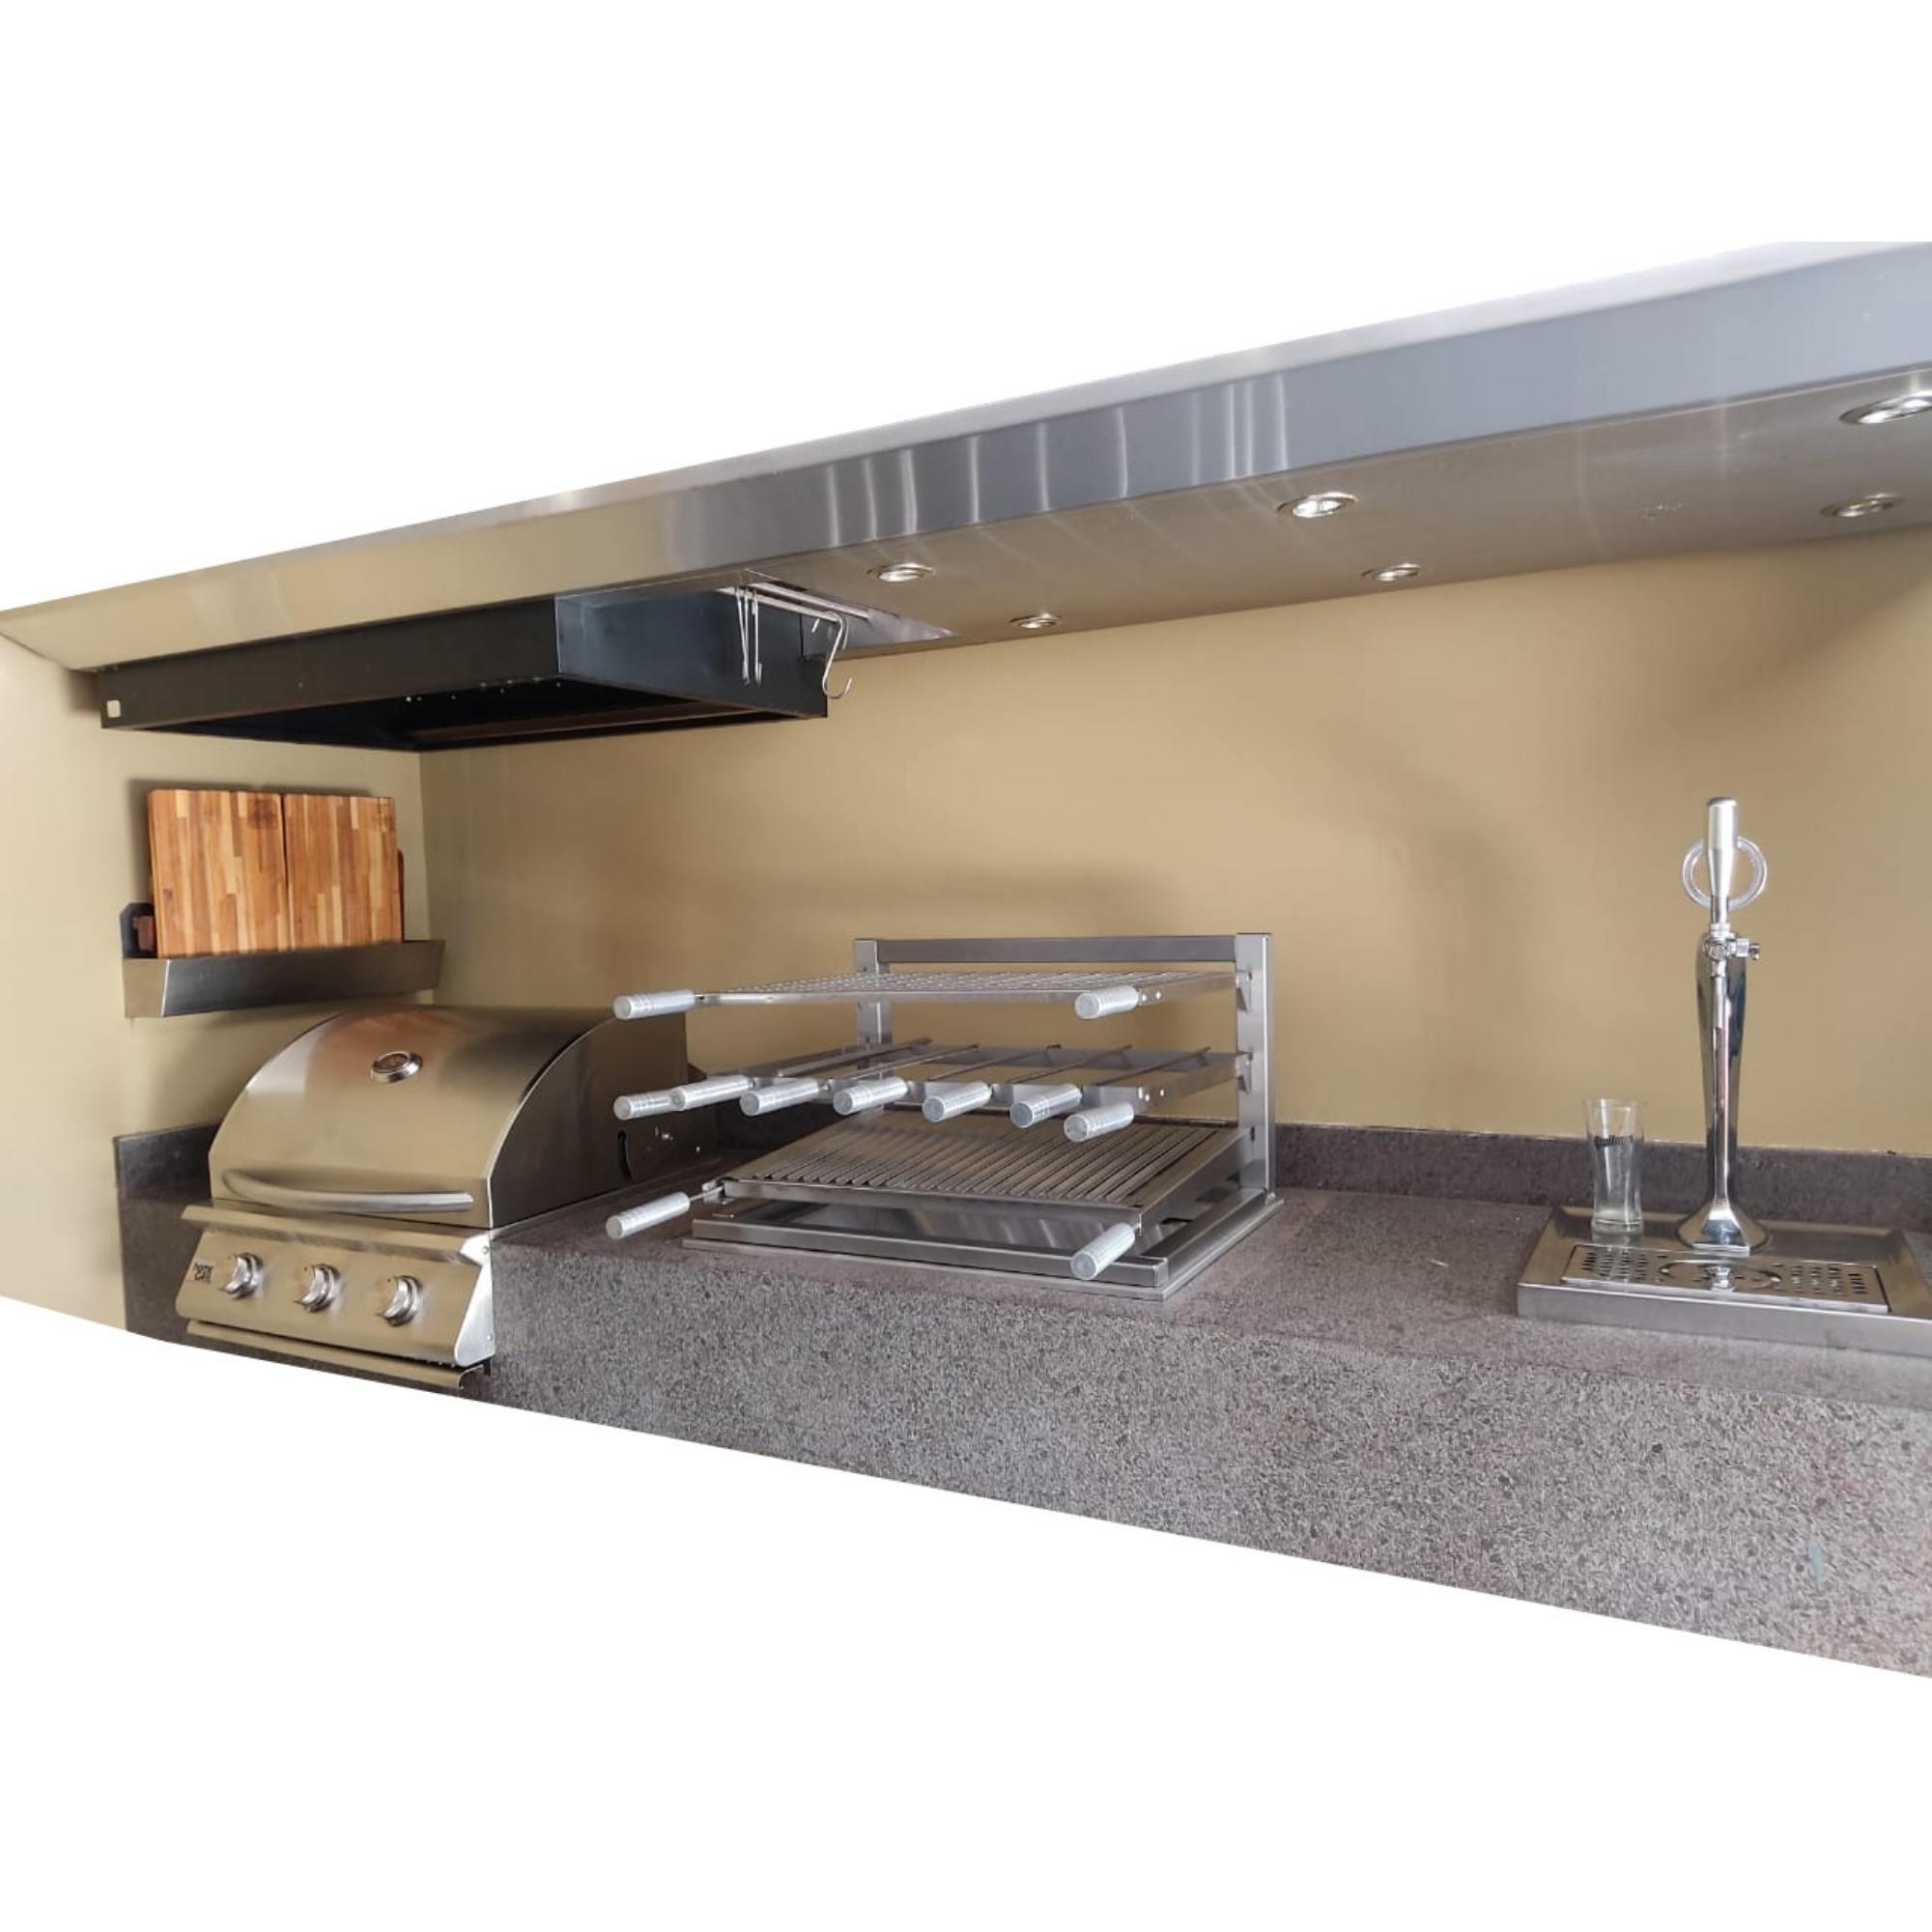 Kit Grill Clean 70x50  - Sua Casa Gourmet e Cia